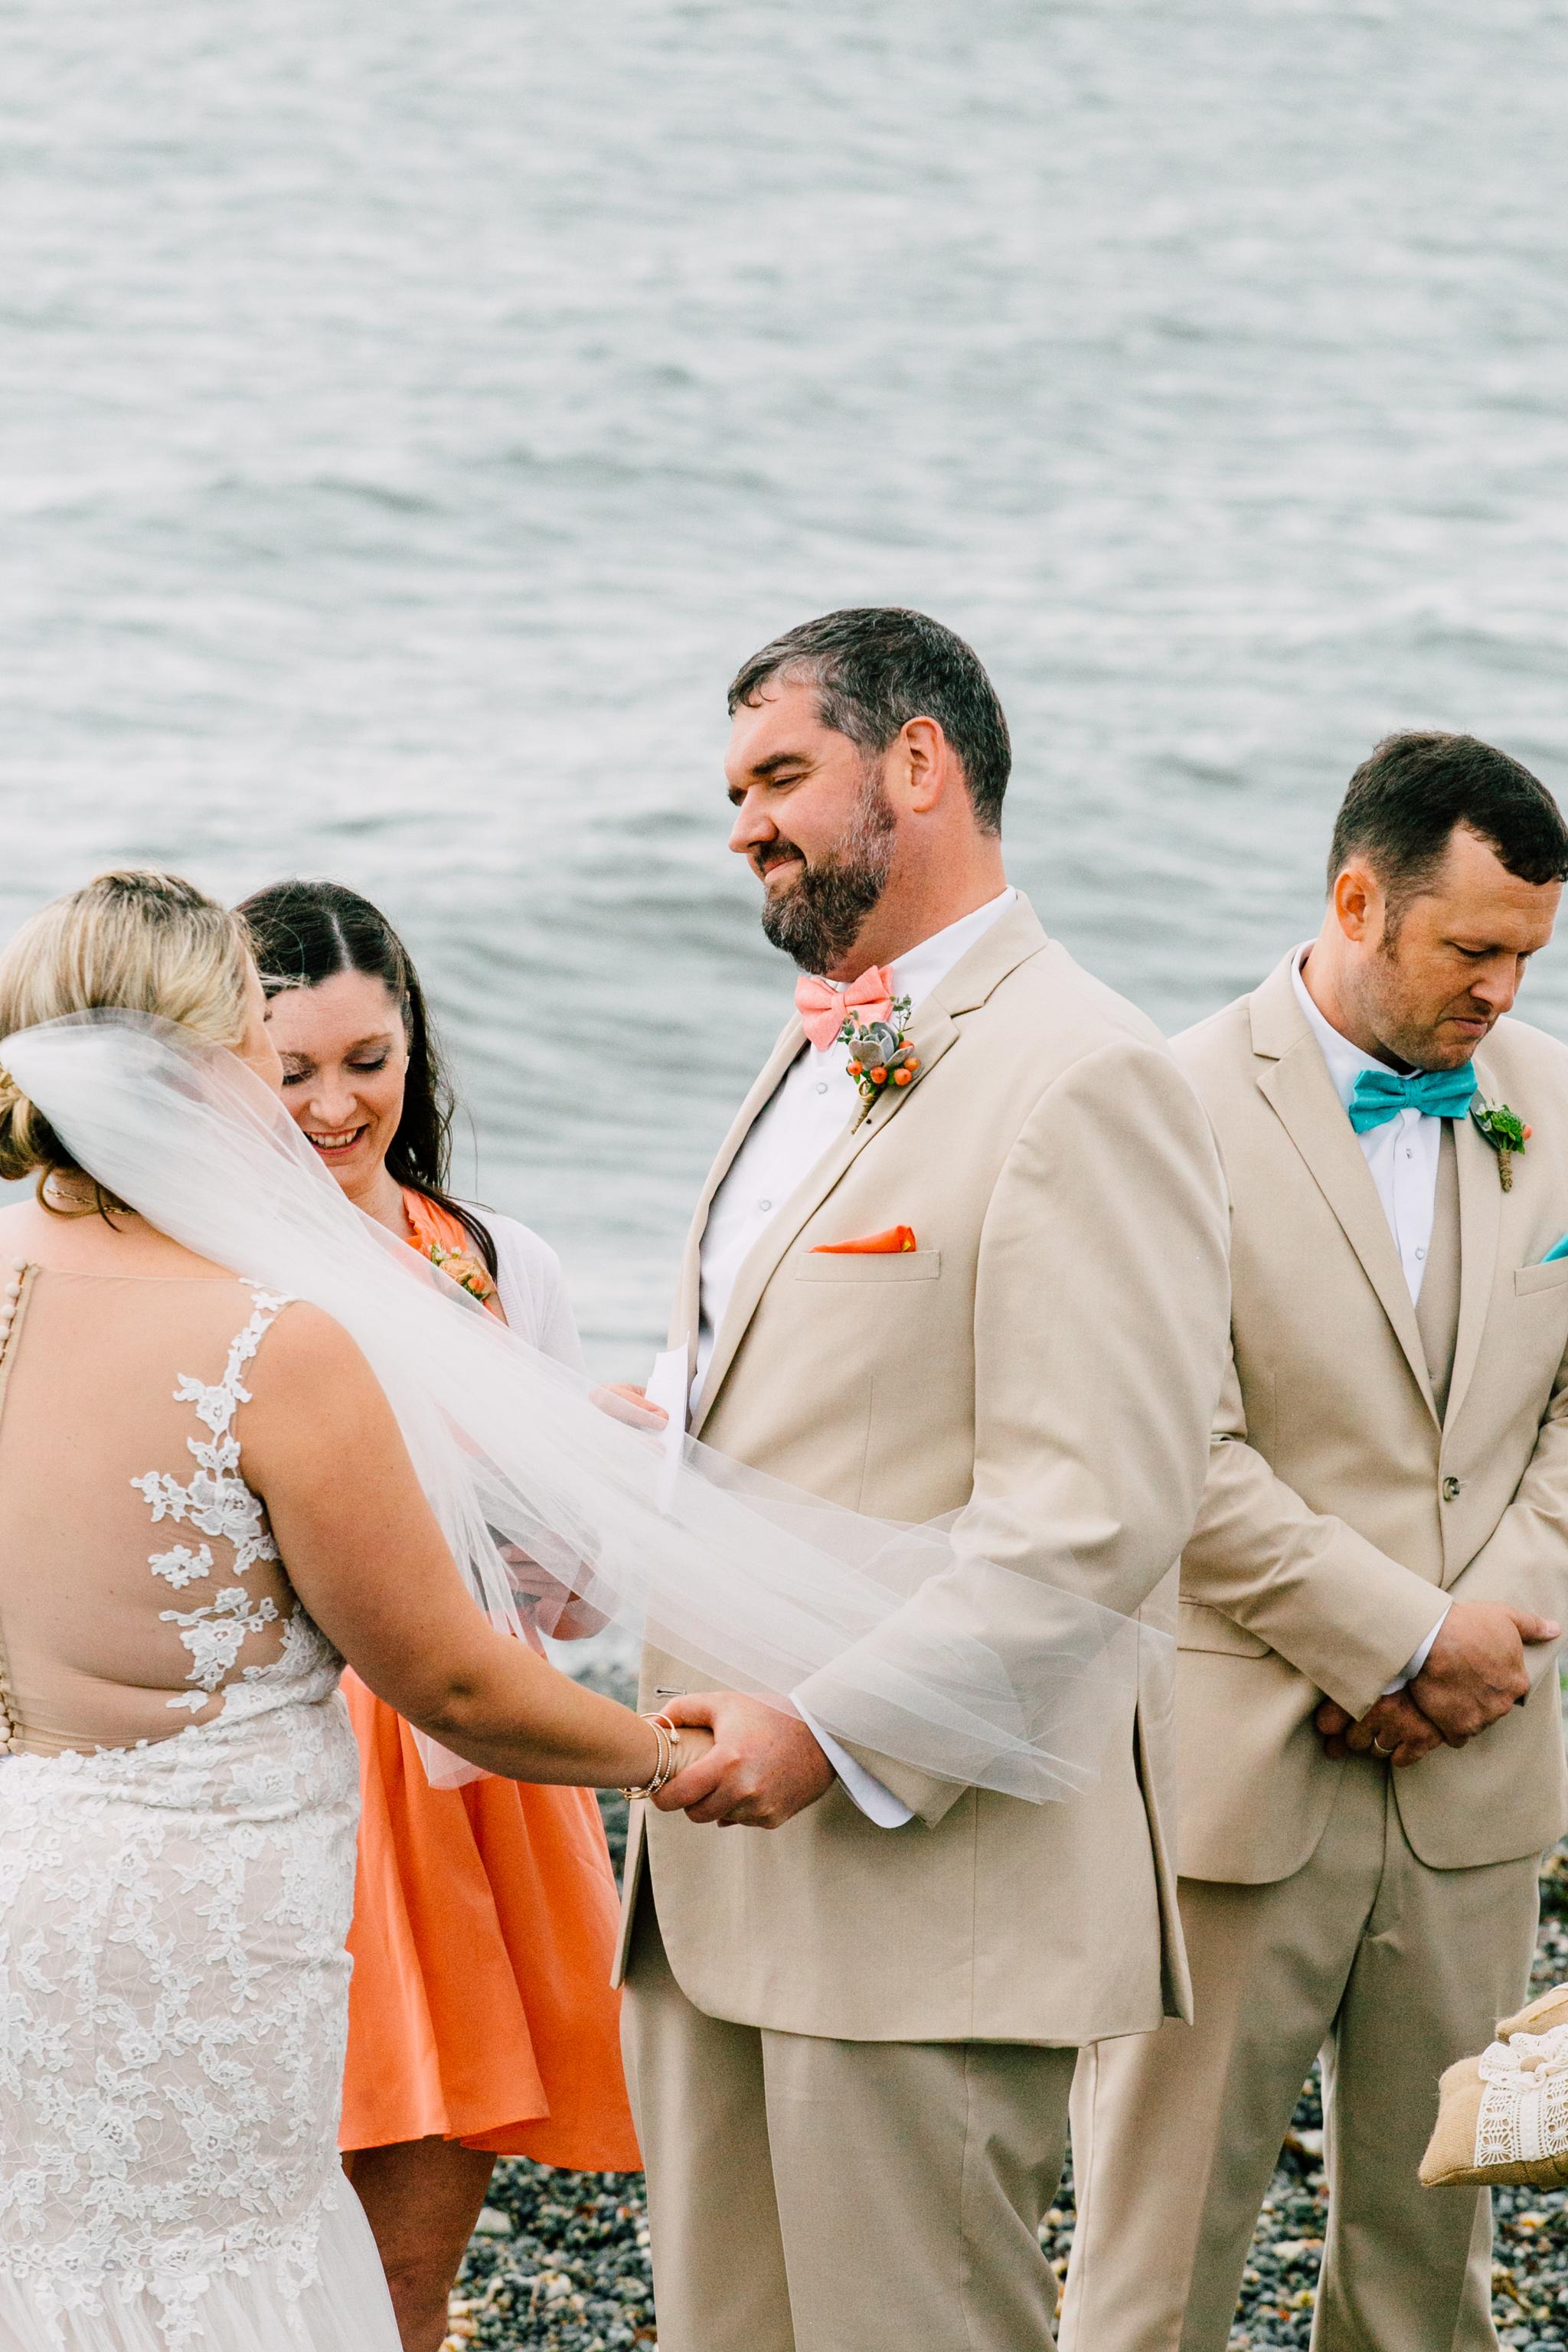 064-bellingham-wedding-photographer-beach-katheryn-moran-elisa-phillip.jpg